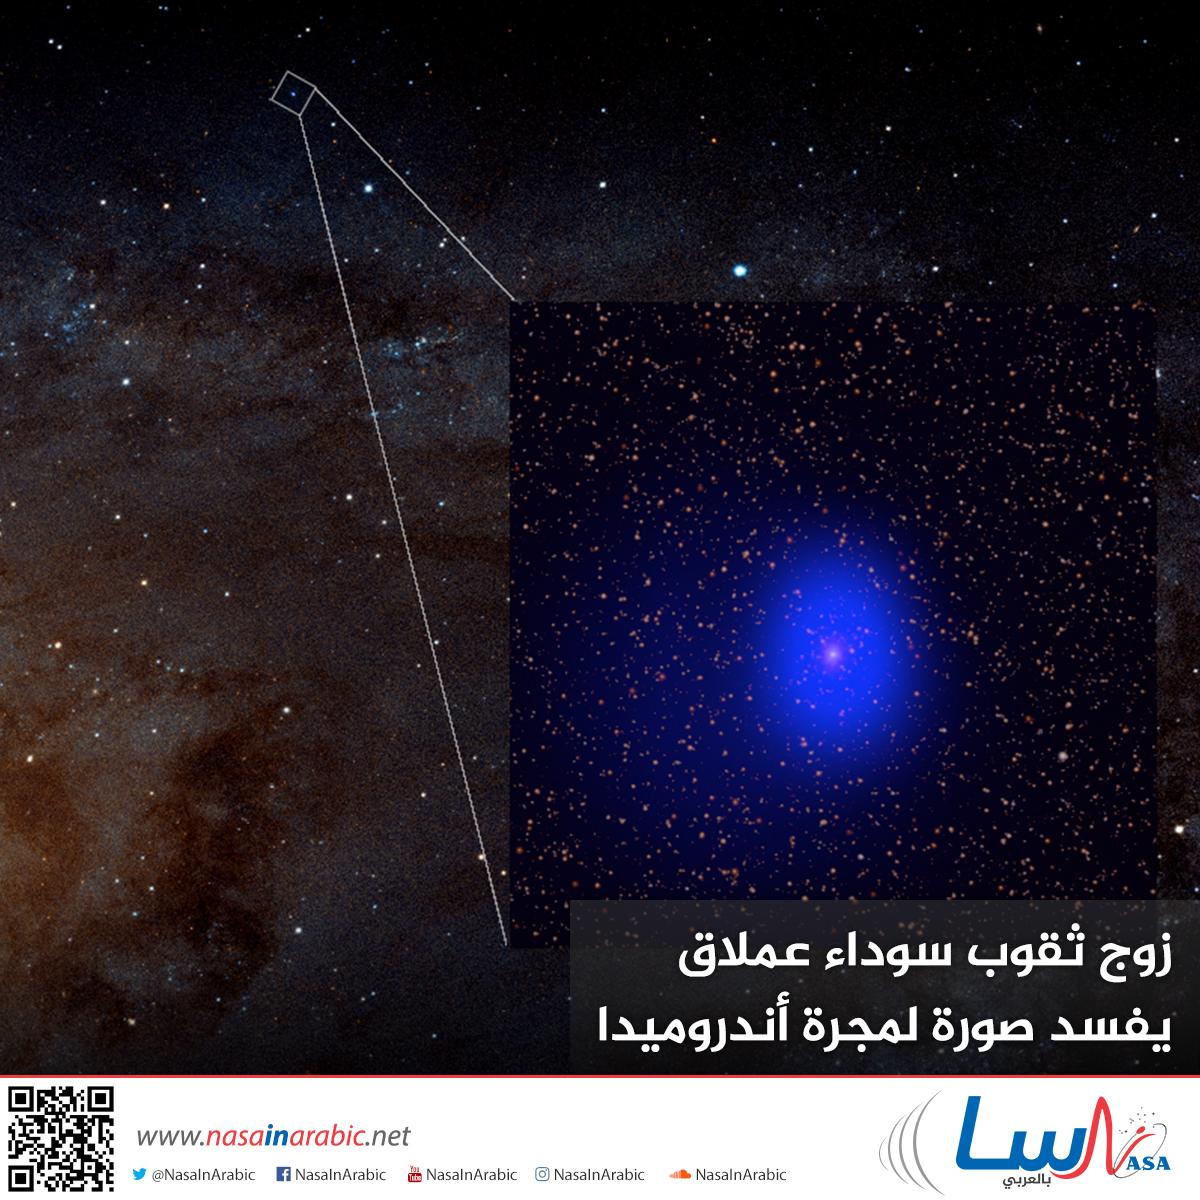 زوج ثقوب سوداء عملاق يفسد صورة لمجرة أندروميدا